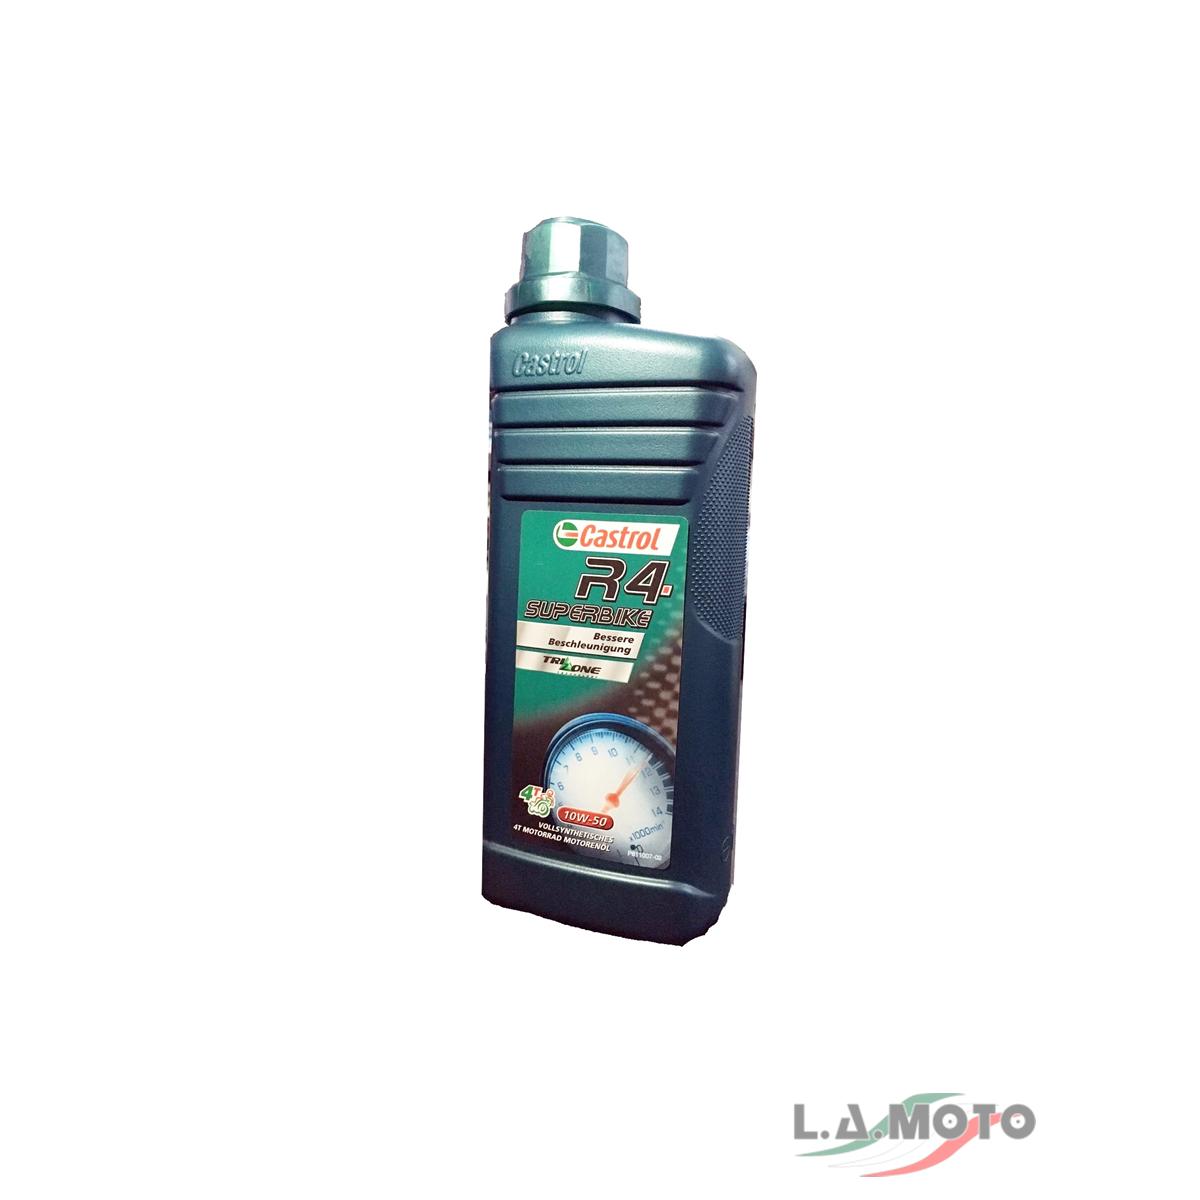 Olio Castrol r4 10w50